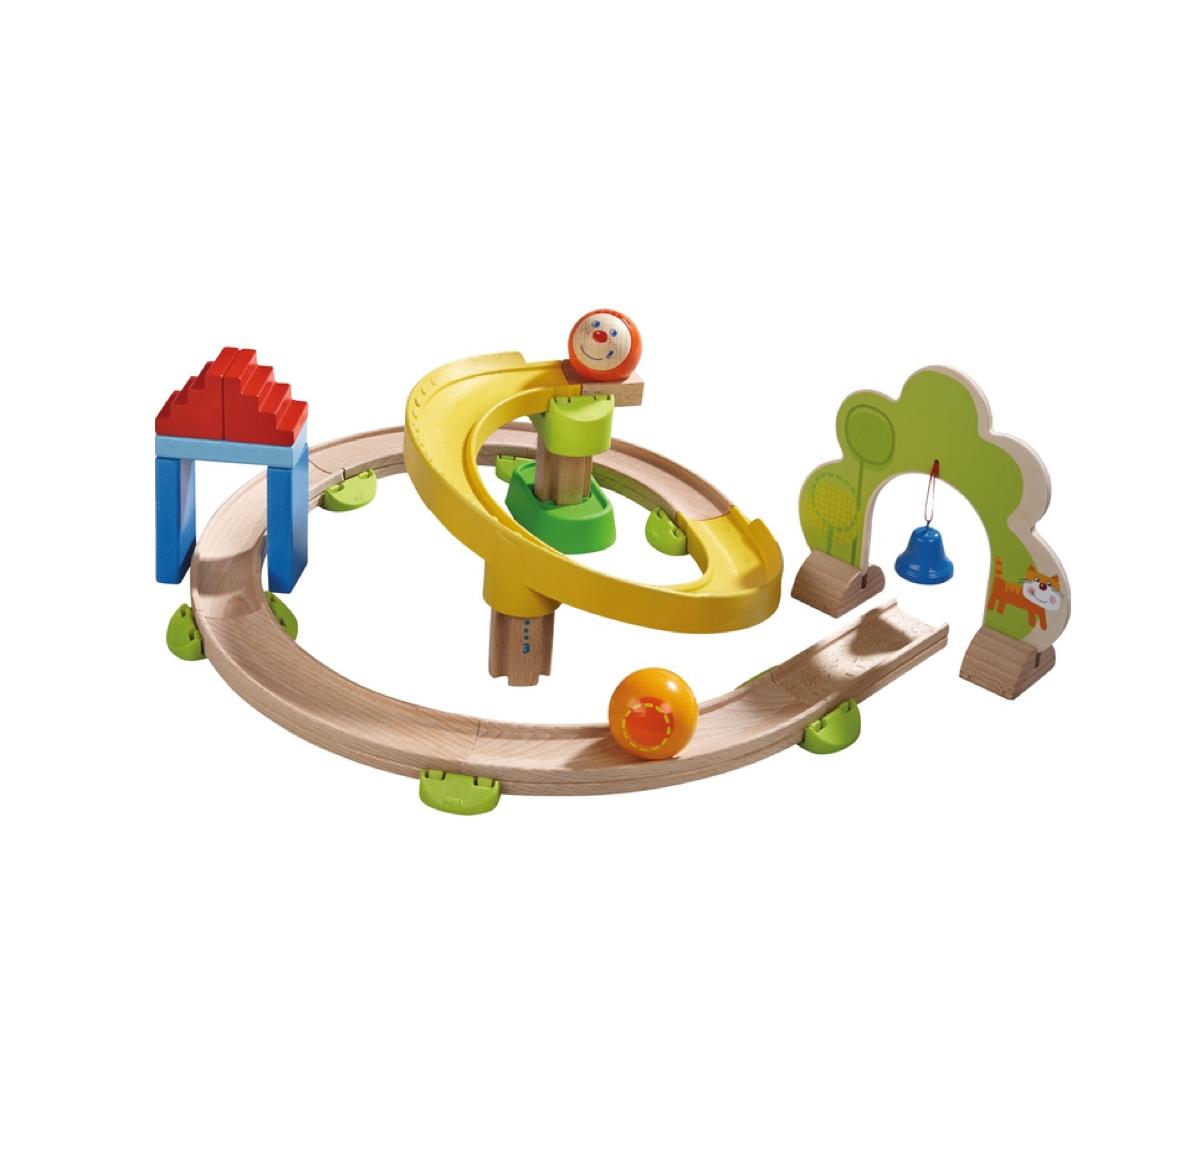 circuito-de-bolas-toboganisimo-de-haba-en-el-mundo-de-mico2